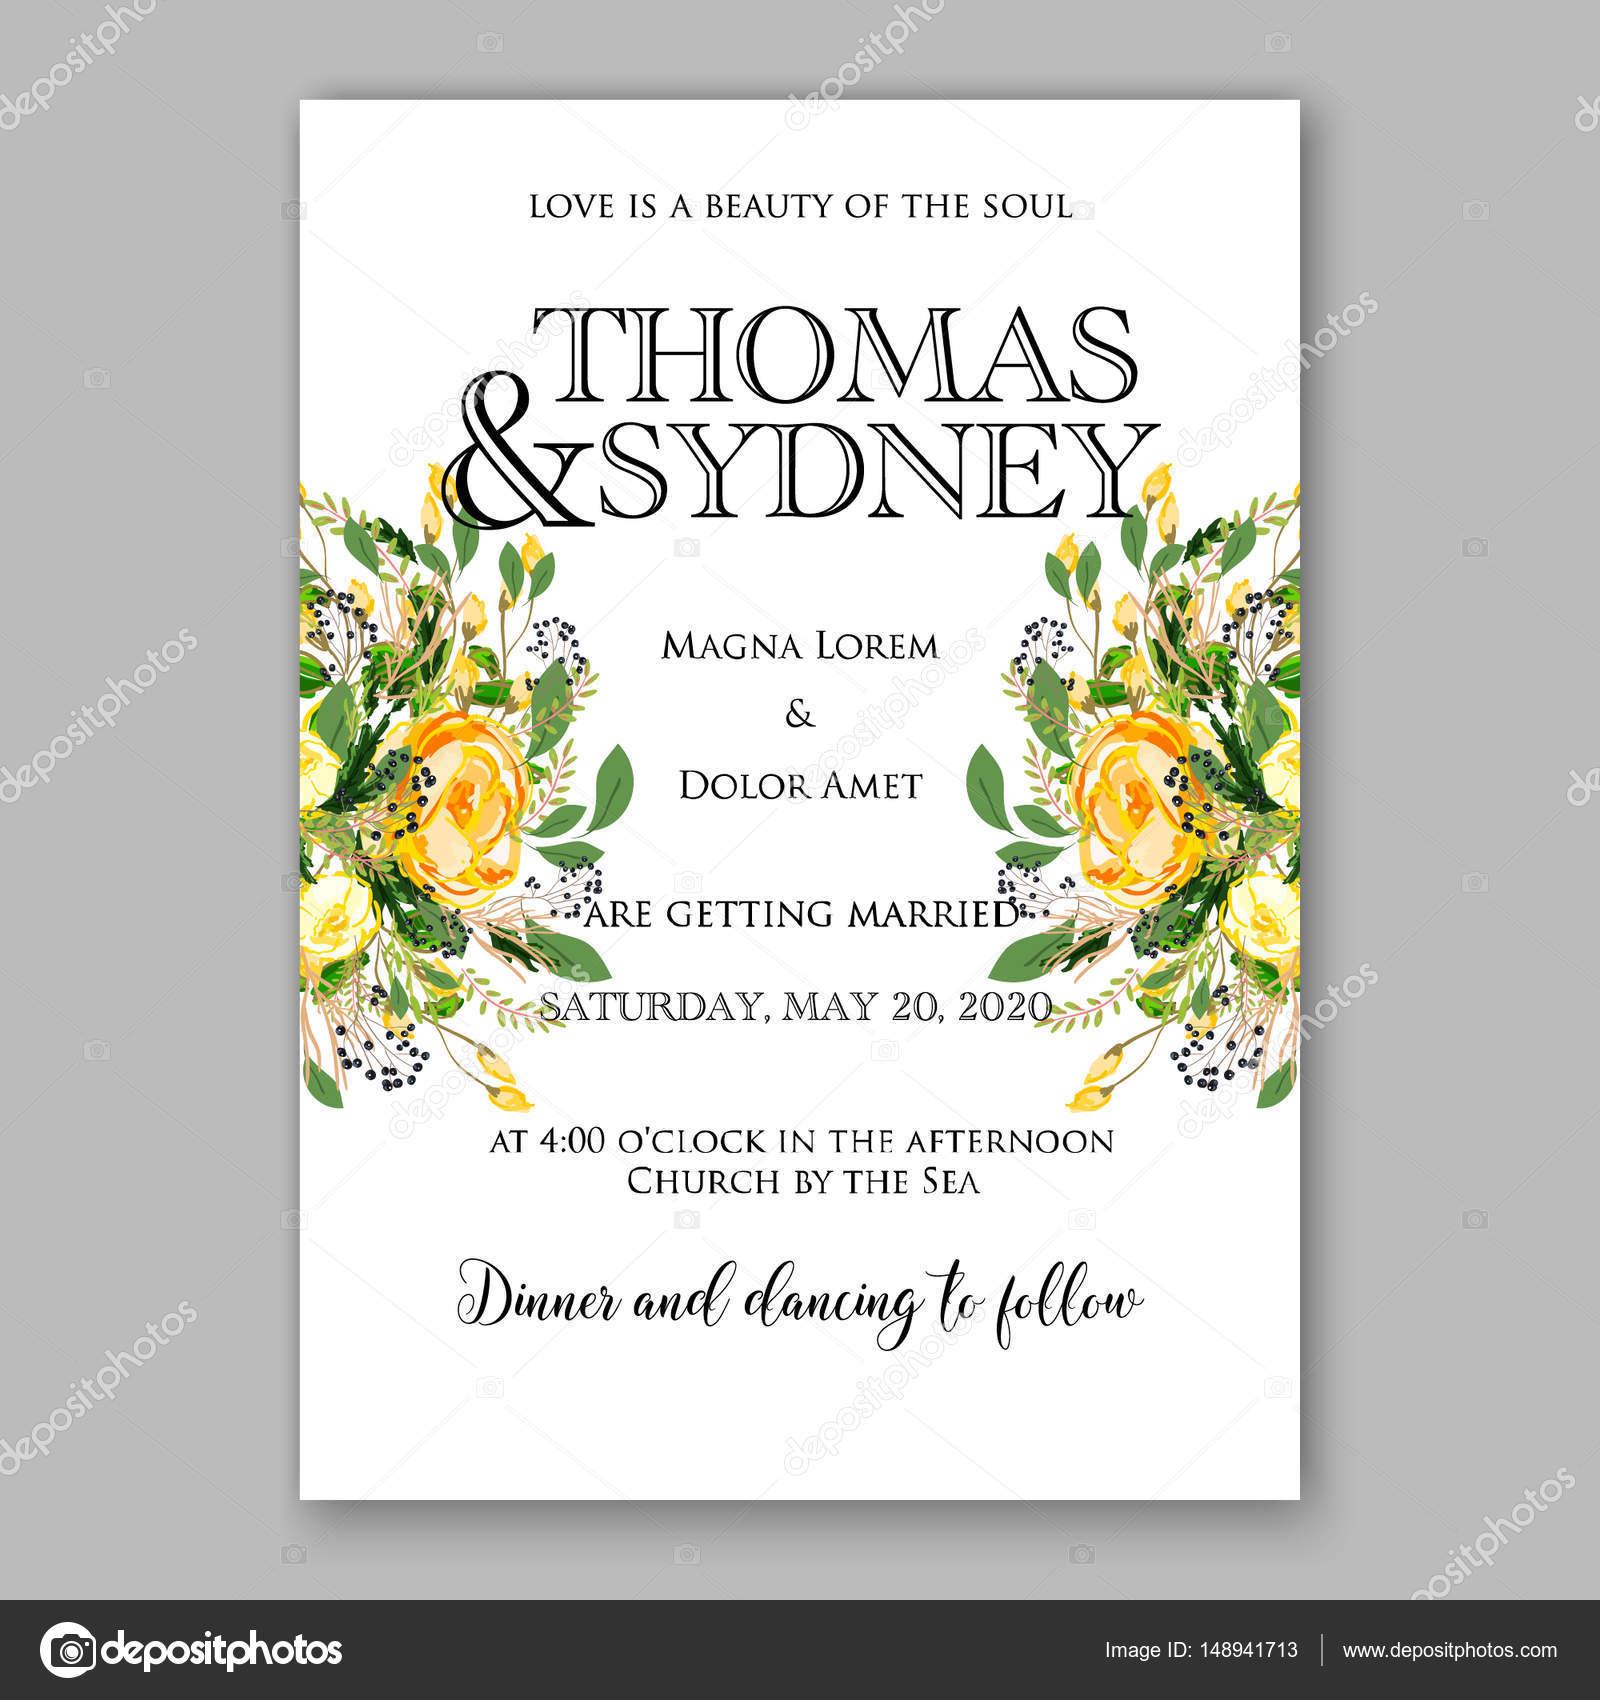 Hochzeit Einladungskarte Vorlage gelbe rose Floral bedruckbare Gold ...